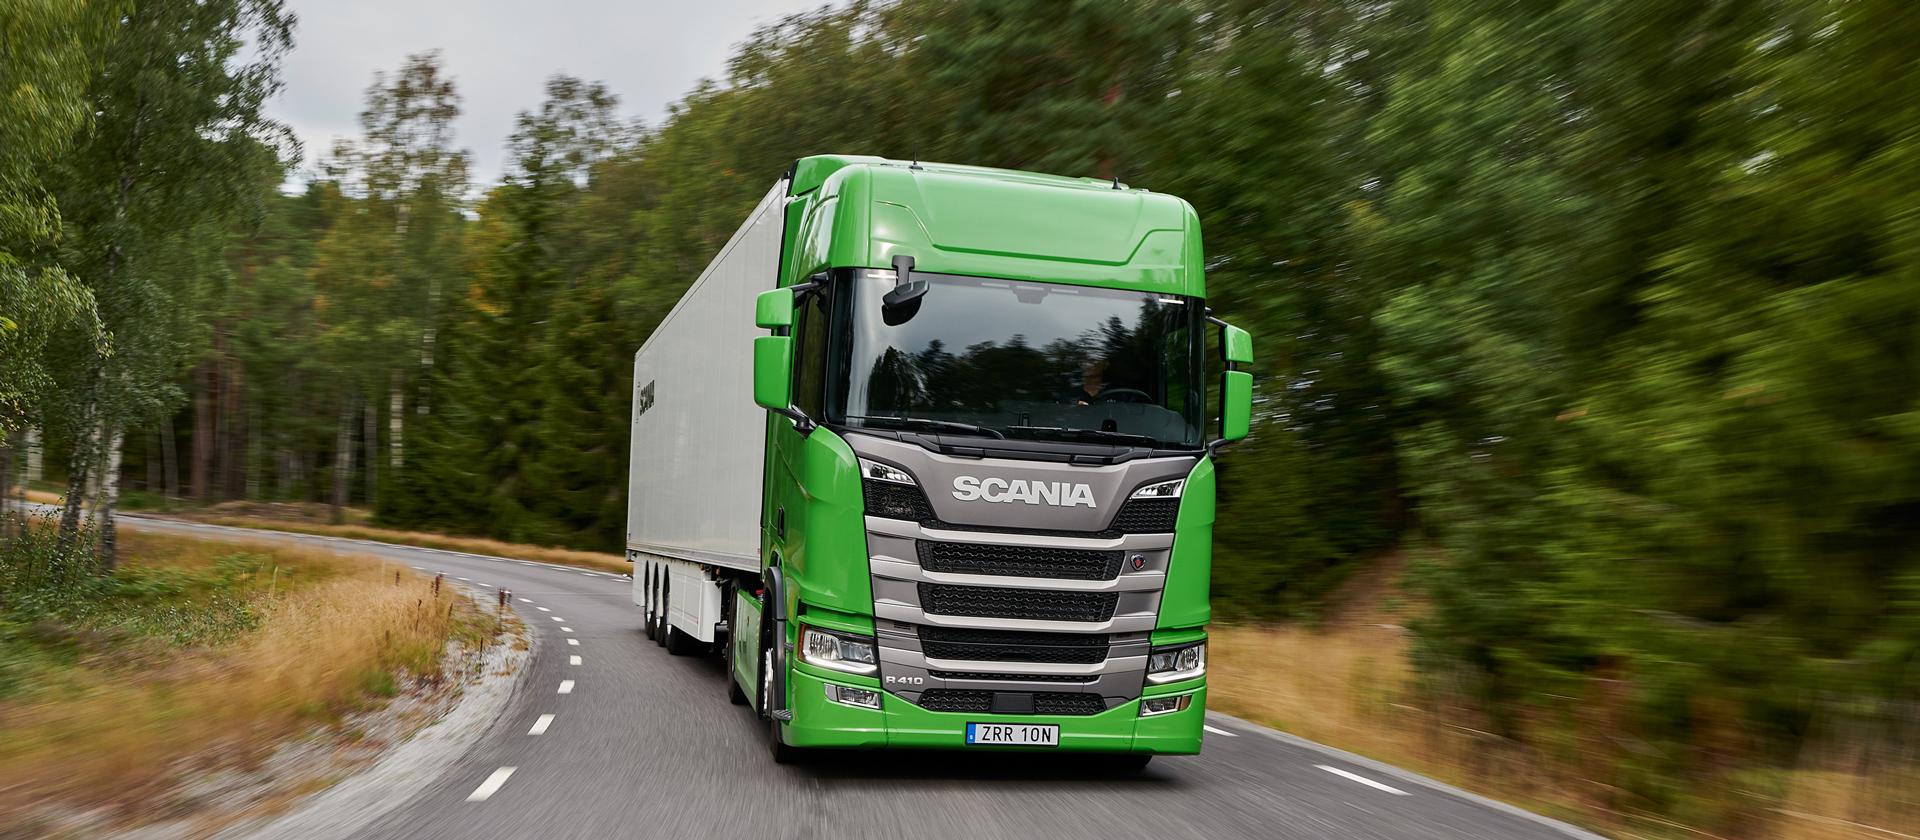 Тягачи Scania признаны самыми экономными